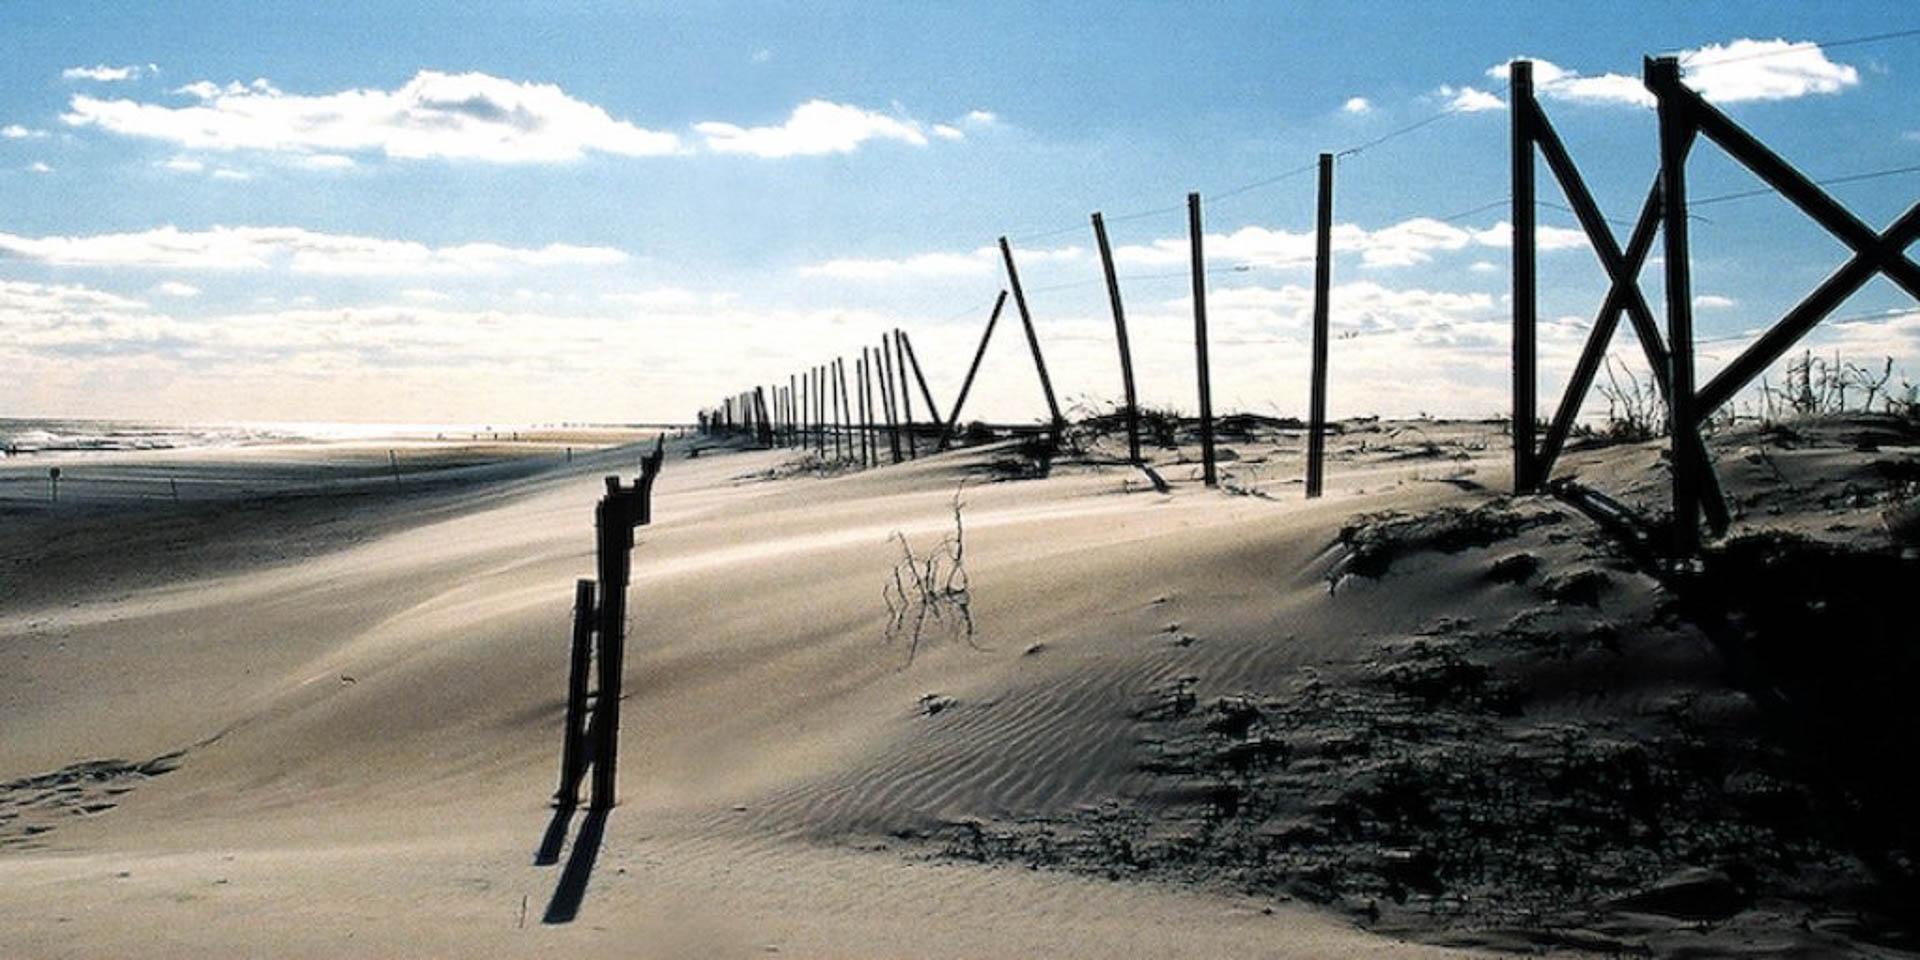 assateague-dune-2.jpg